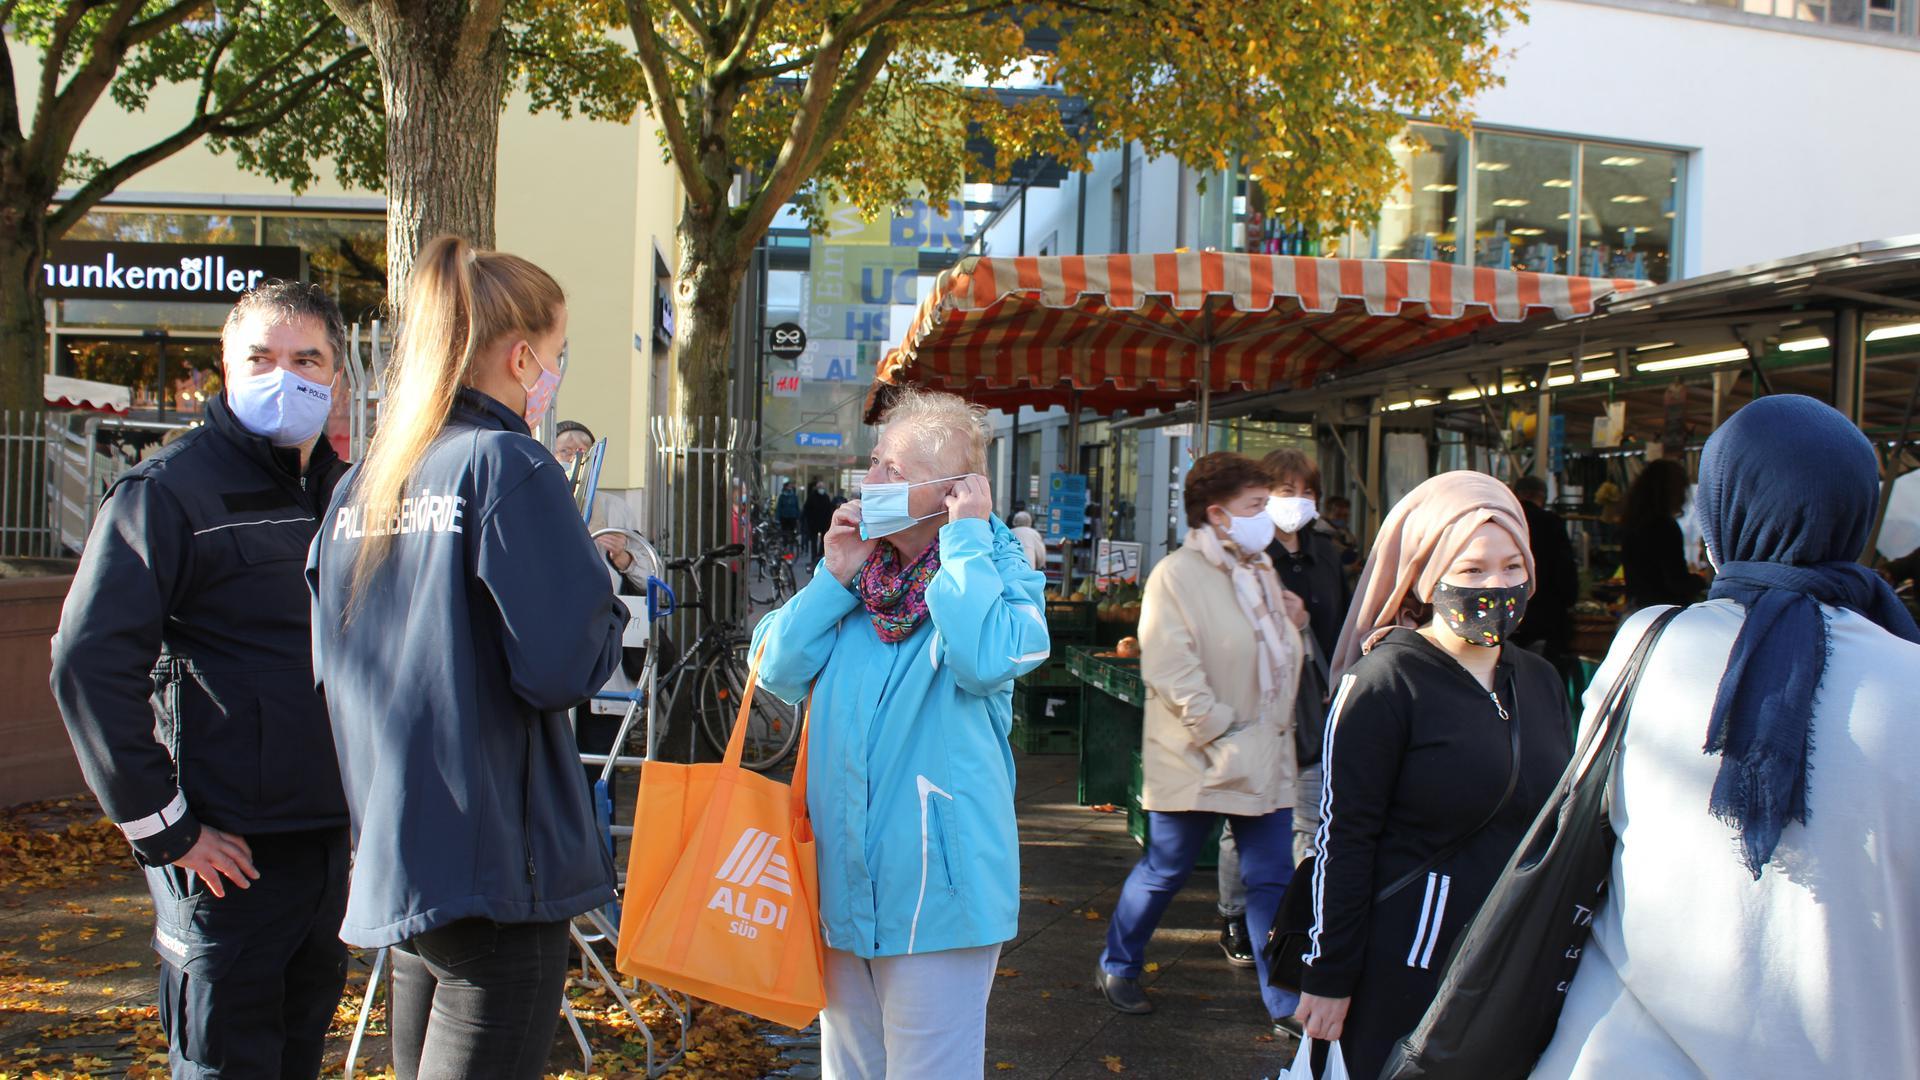 Nina Schüßler vom Ordnungsamt und Georg Völker vom Gemeindevollzugsdienst weisen eine Frau auf dem Wochenmarkt auf die Maskenpflicht hin.